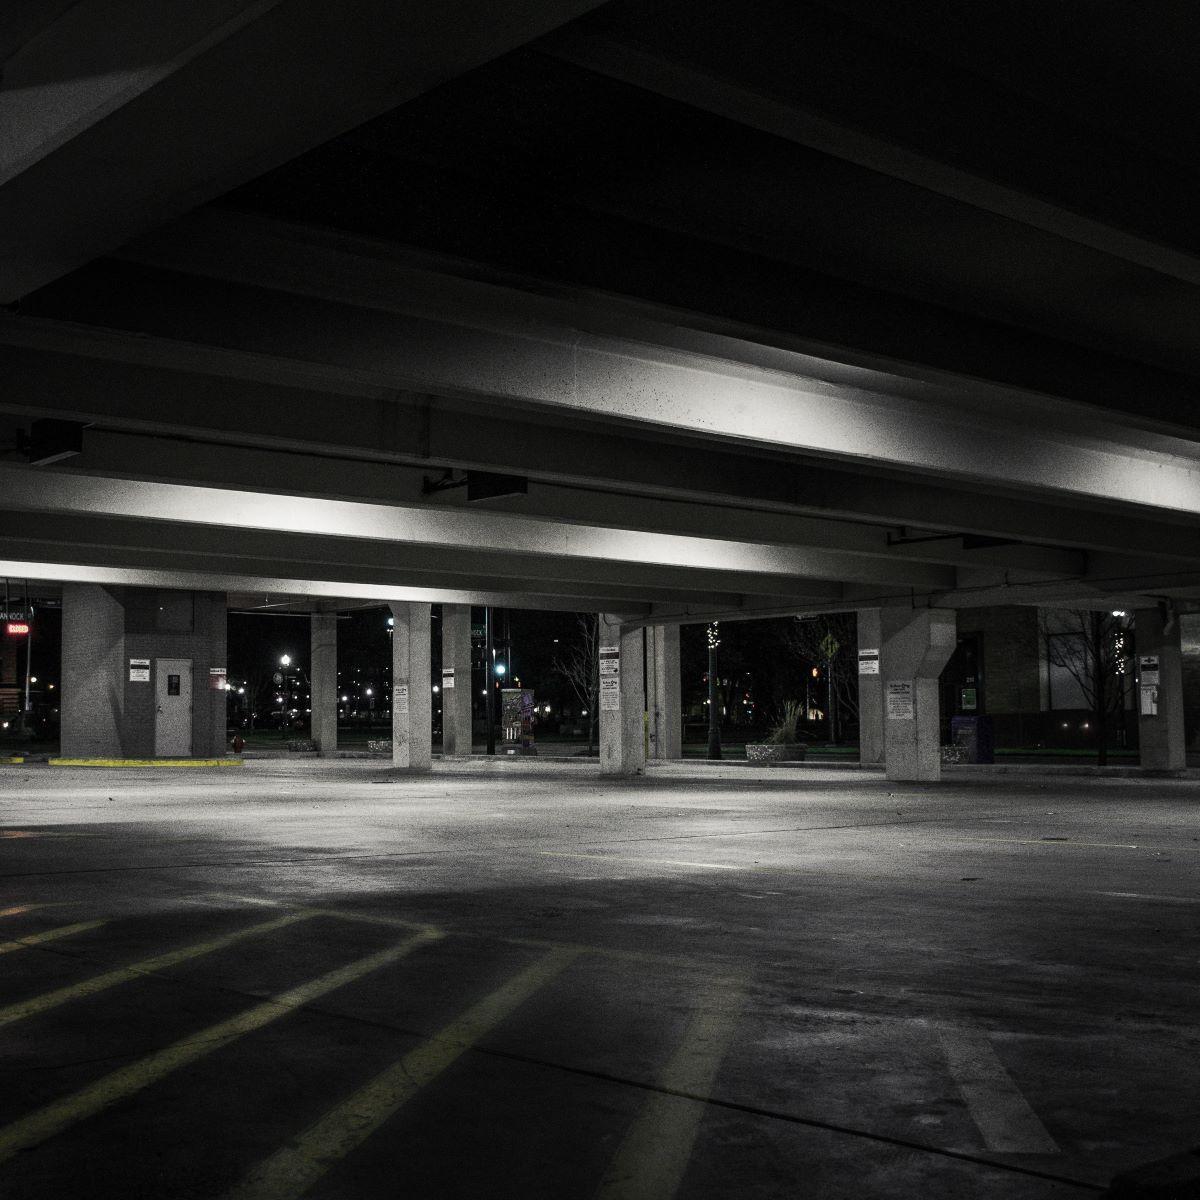 Creative writing: Parking Level 4 (ish)